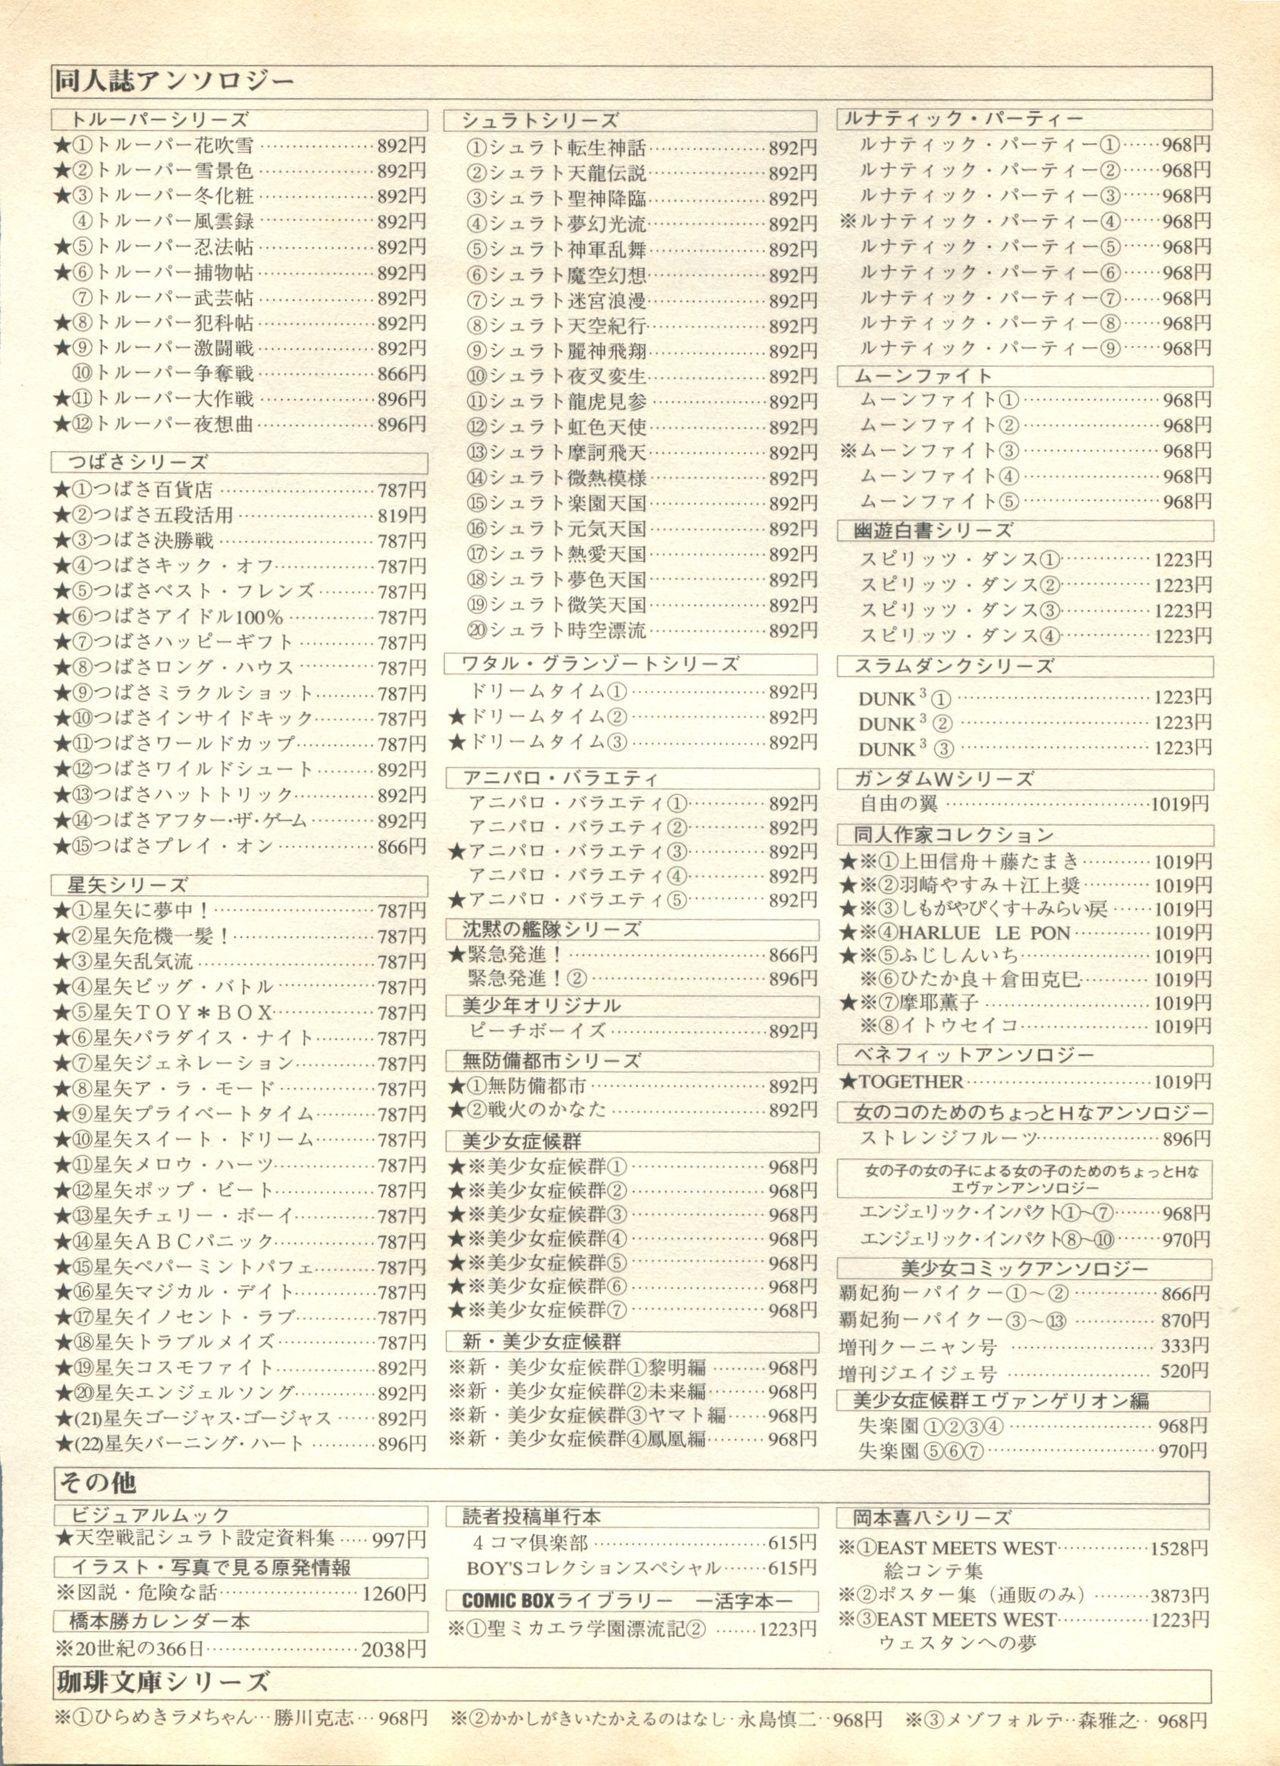 Pai;kuu 1998 October Vol. 13 267